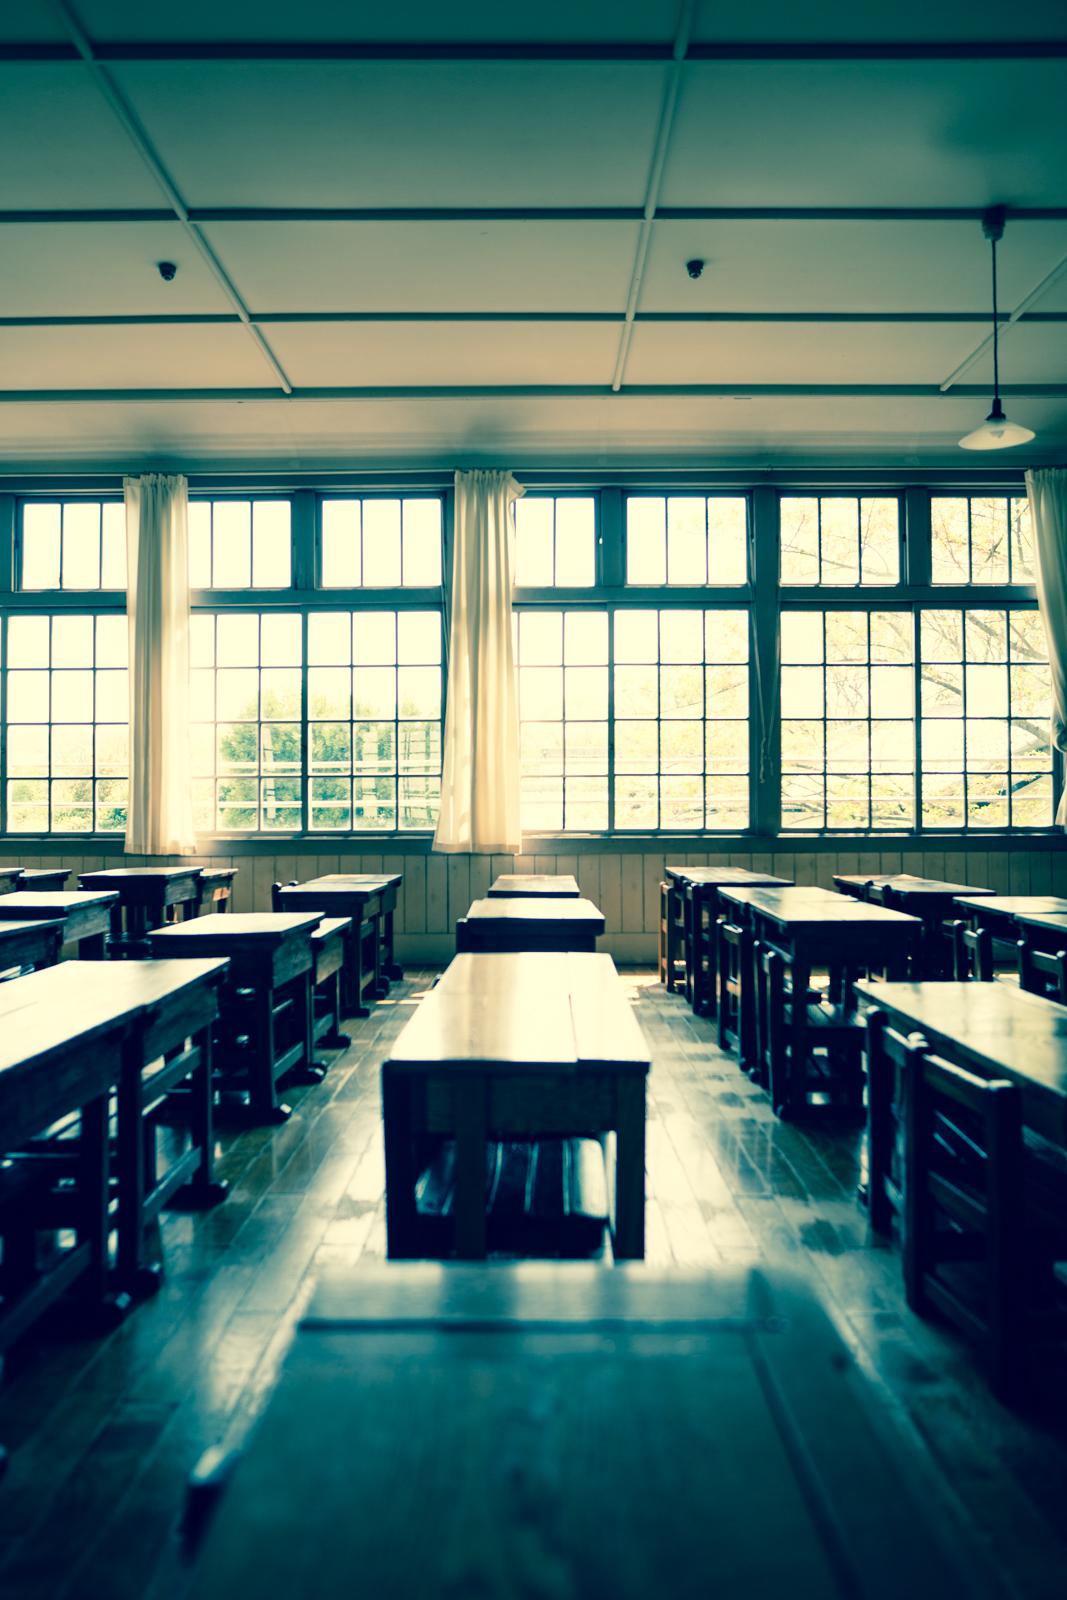 クロスプロセスでRAW現像した教室の写真